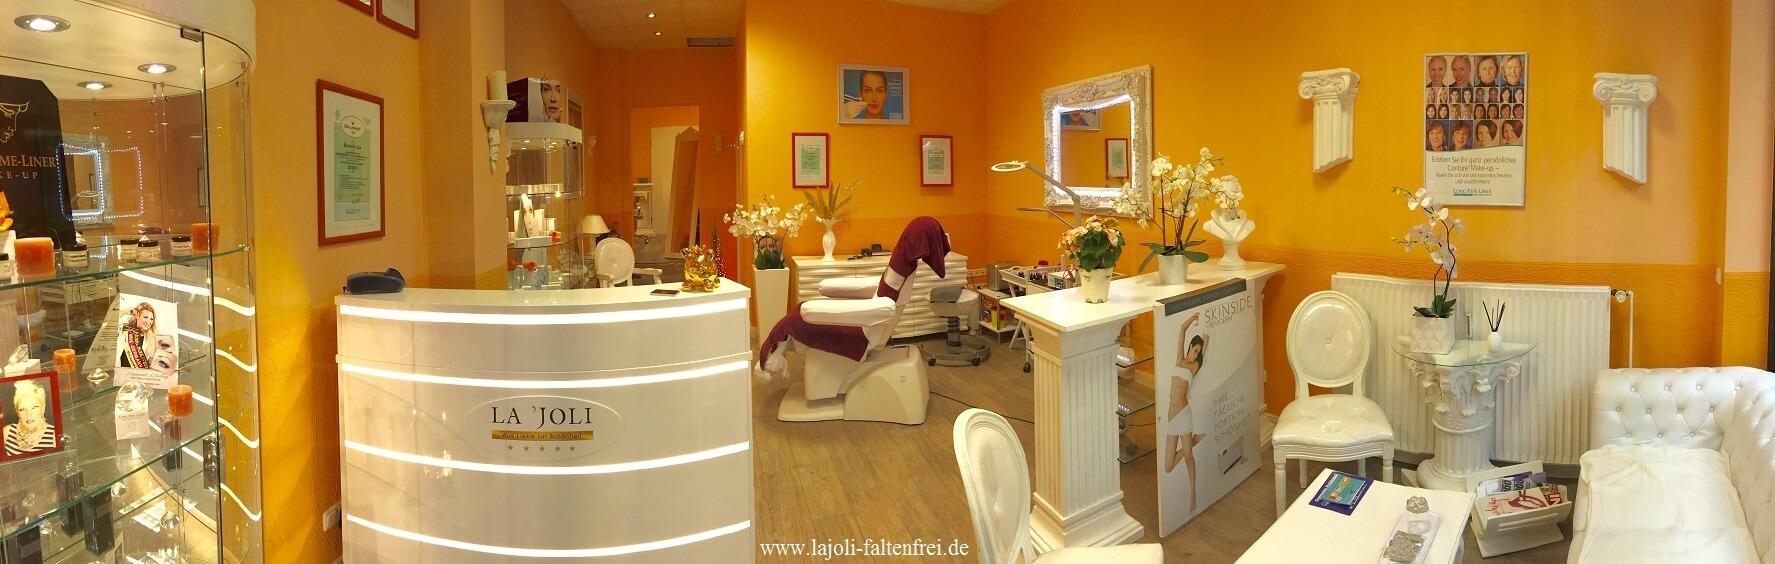 LAJOLI Schönheitsinstitut für Fadenlifting und Faltenunterspritzung in Hamburg - Bilder - Kosmetik